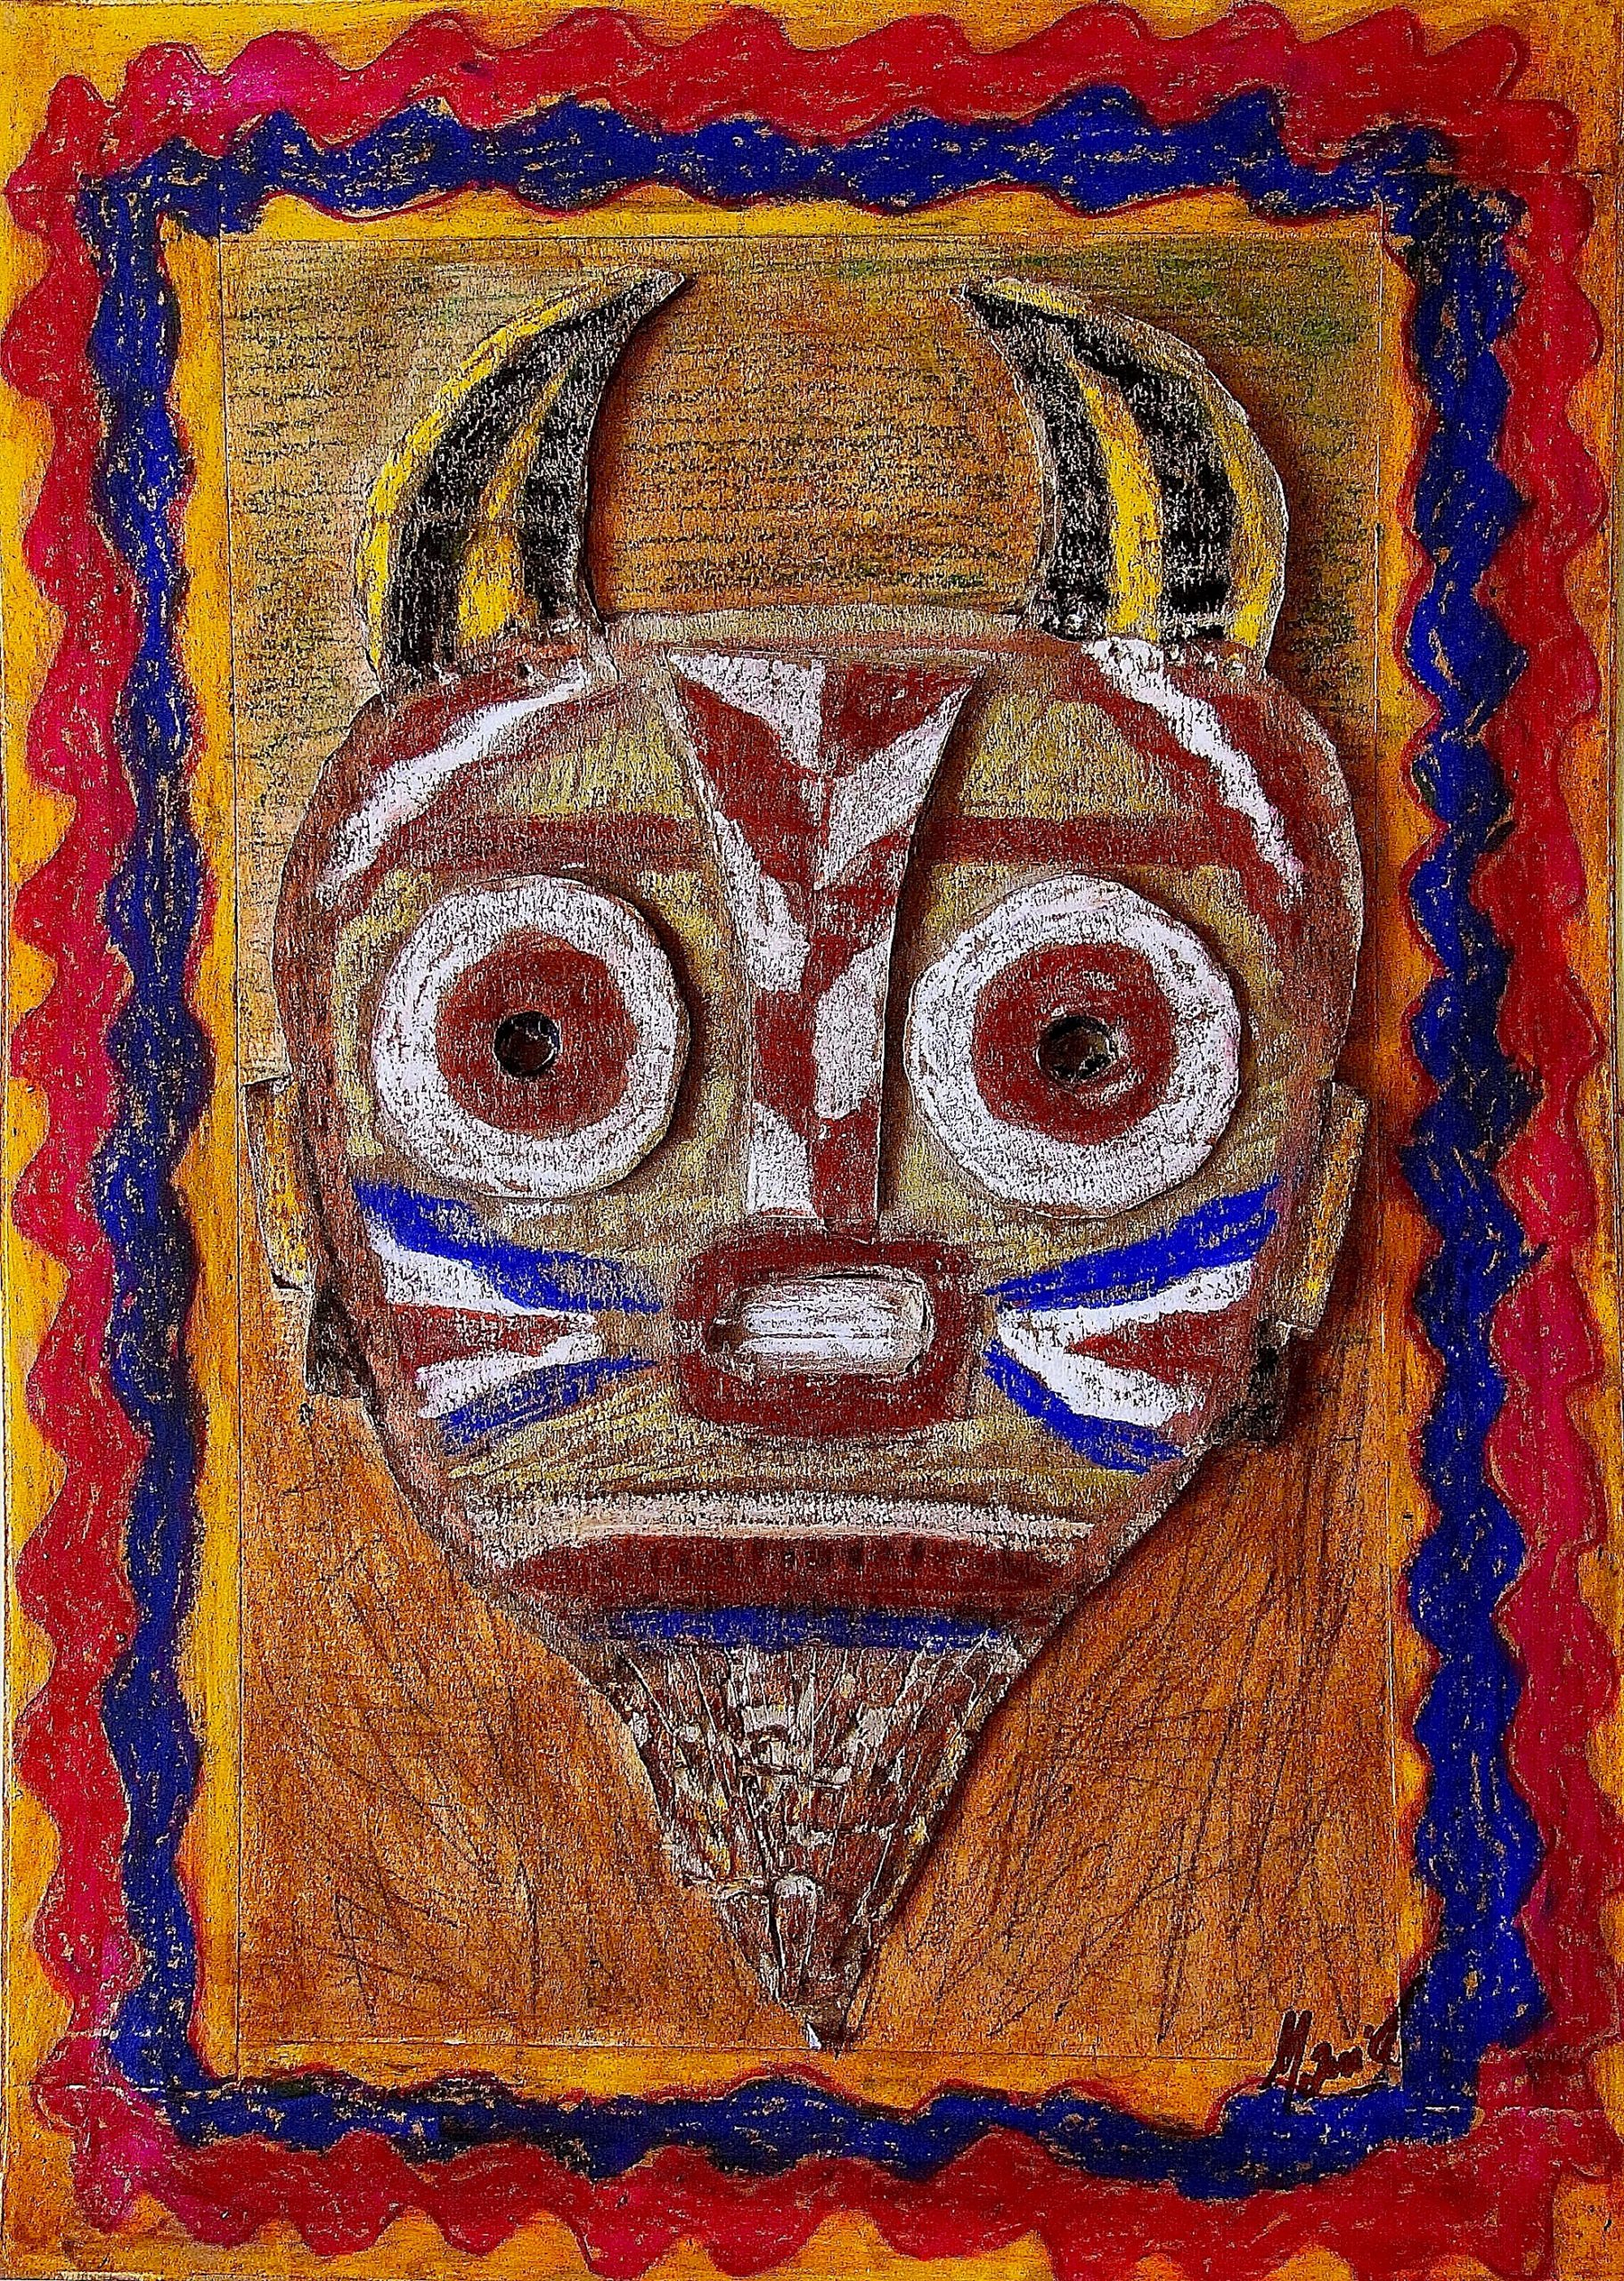 MAMI / Images et Poésie, African Dream